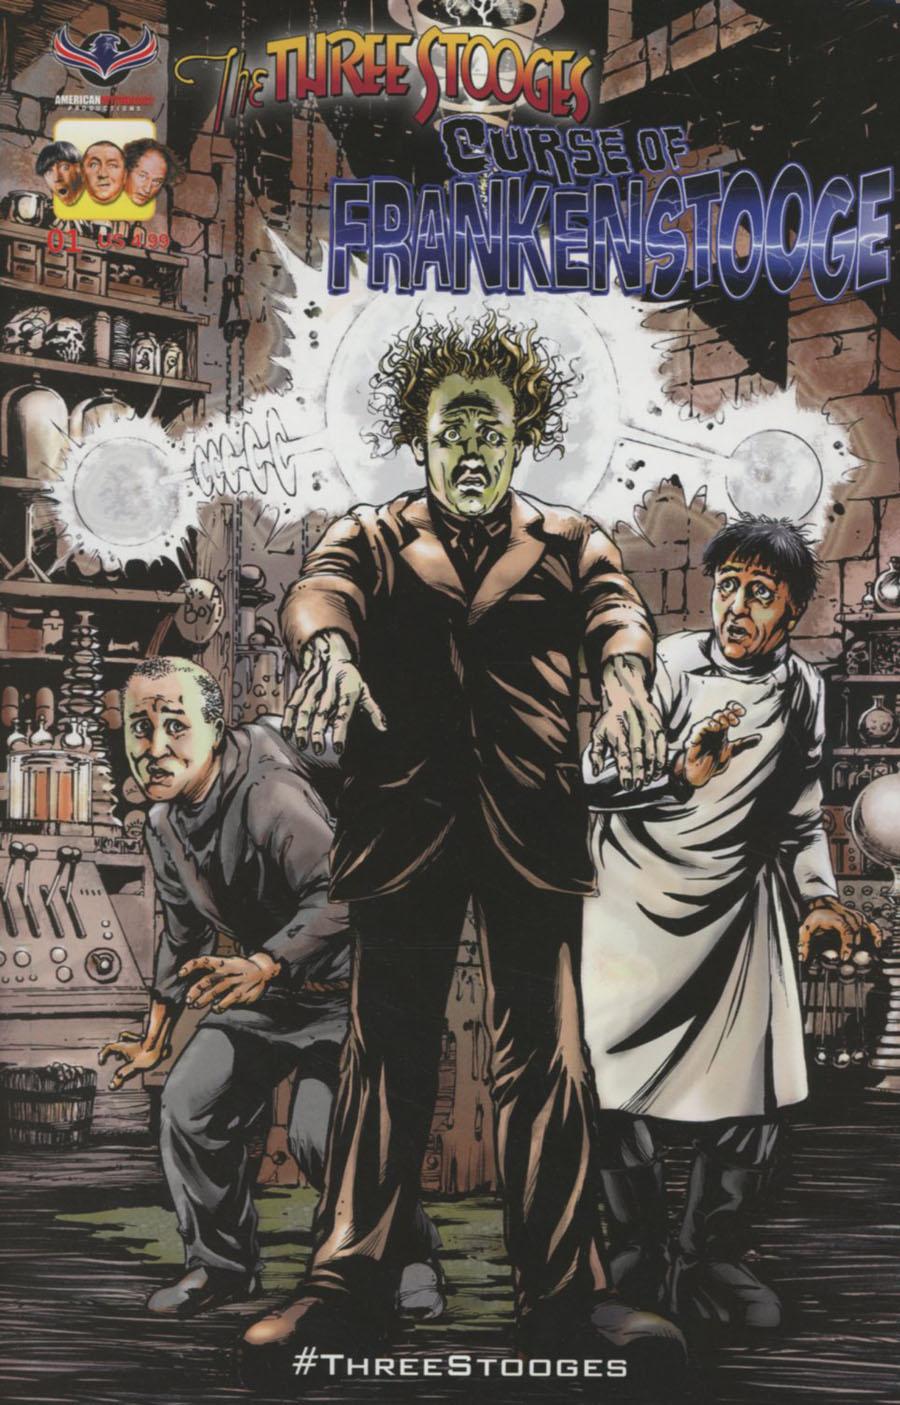 Three Stooges Curse Of Frankenstooge Cover A Regular Greg LaRocque Cover